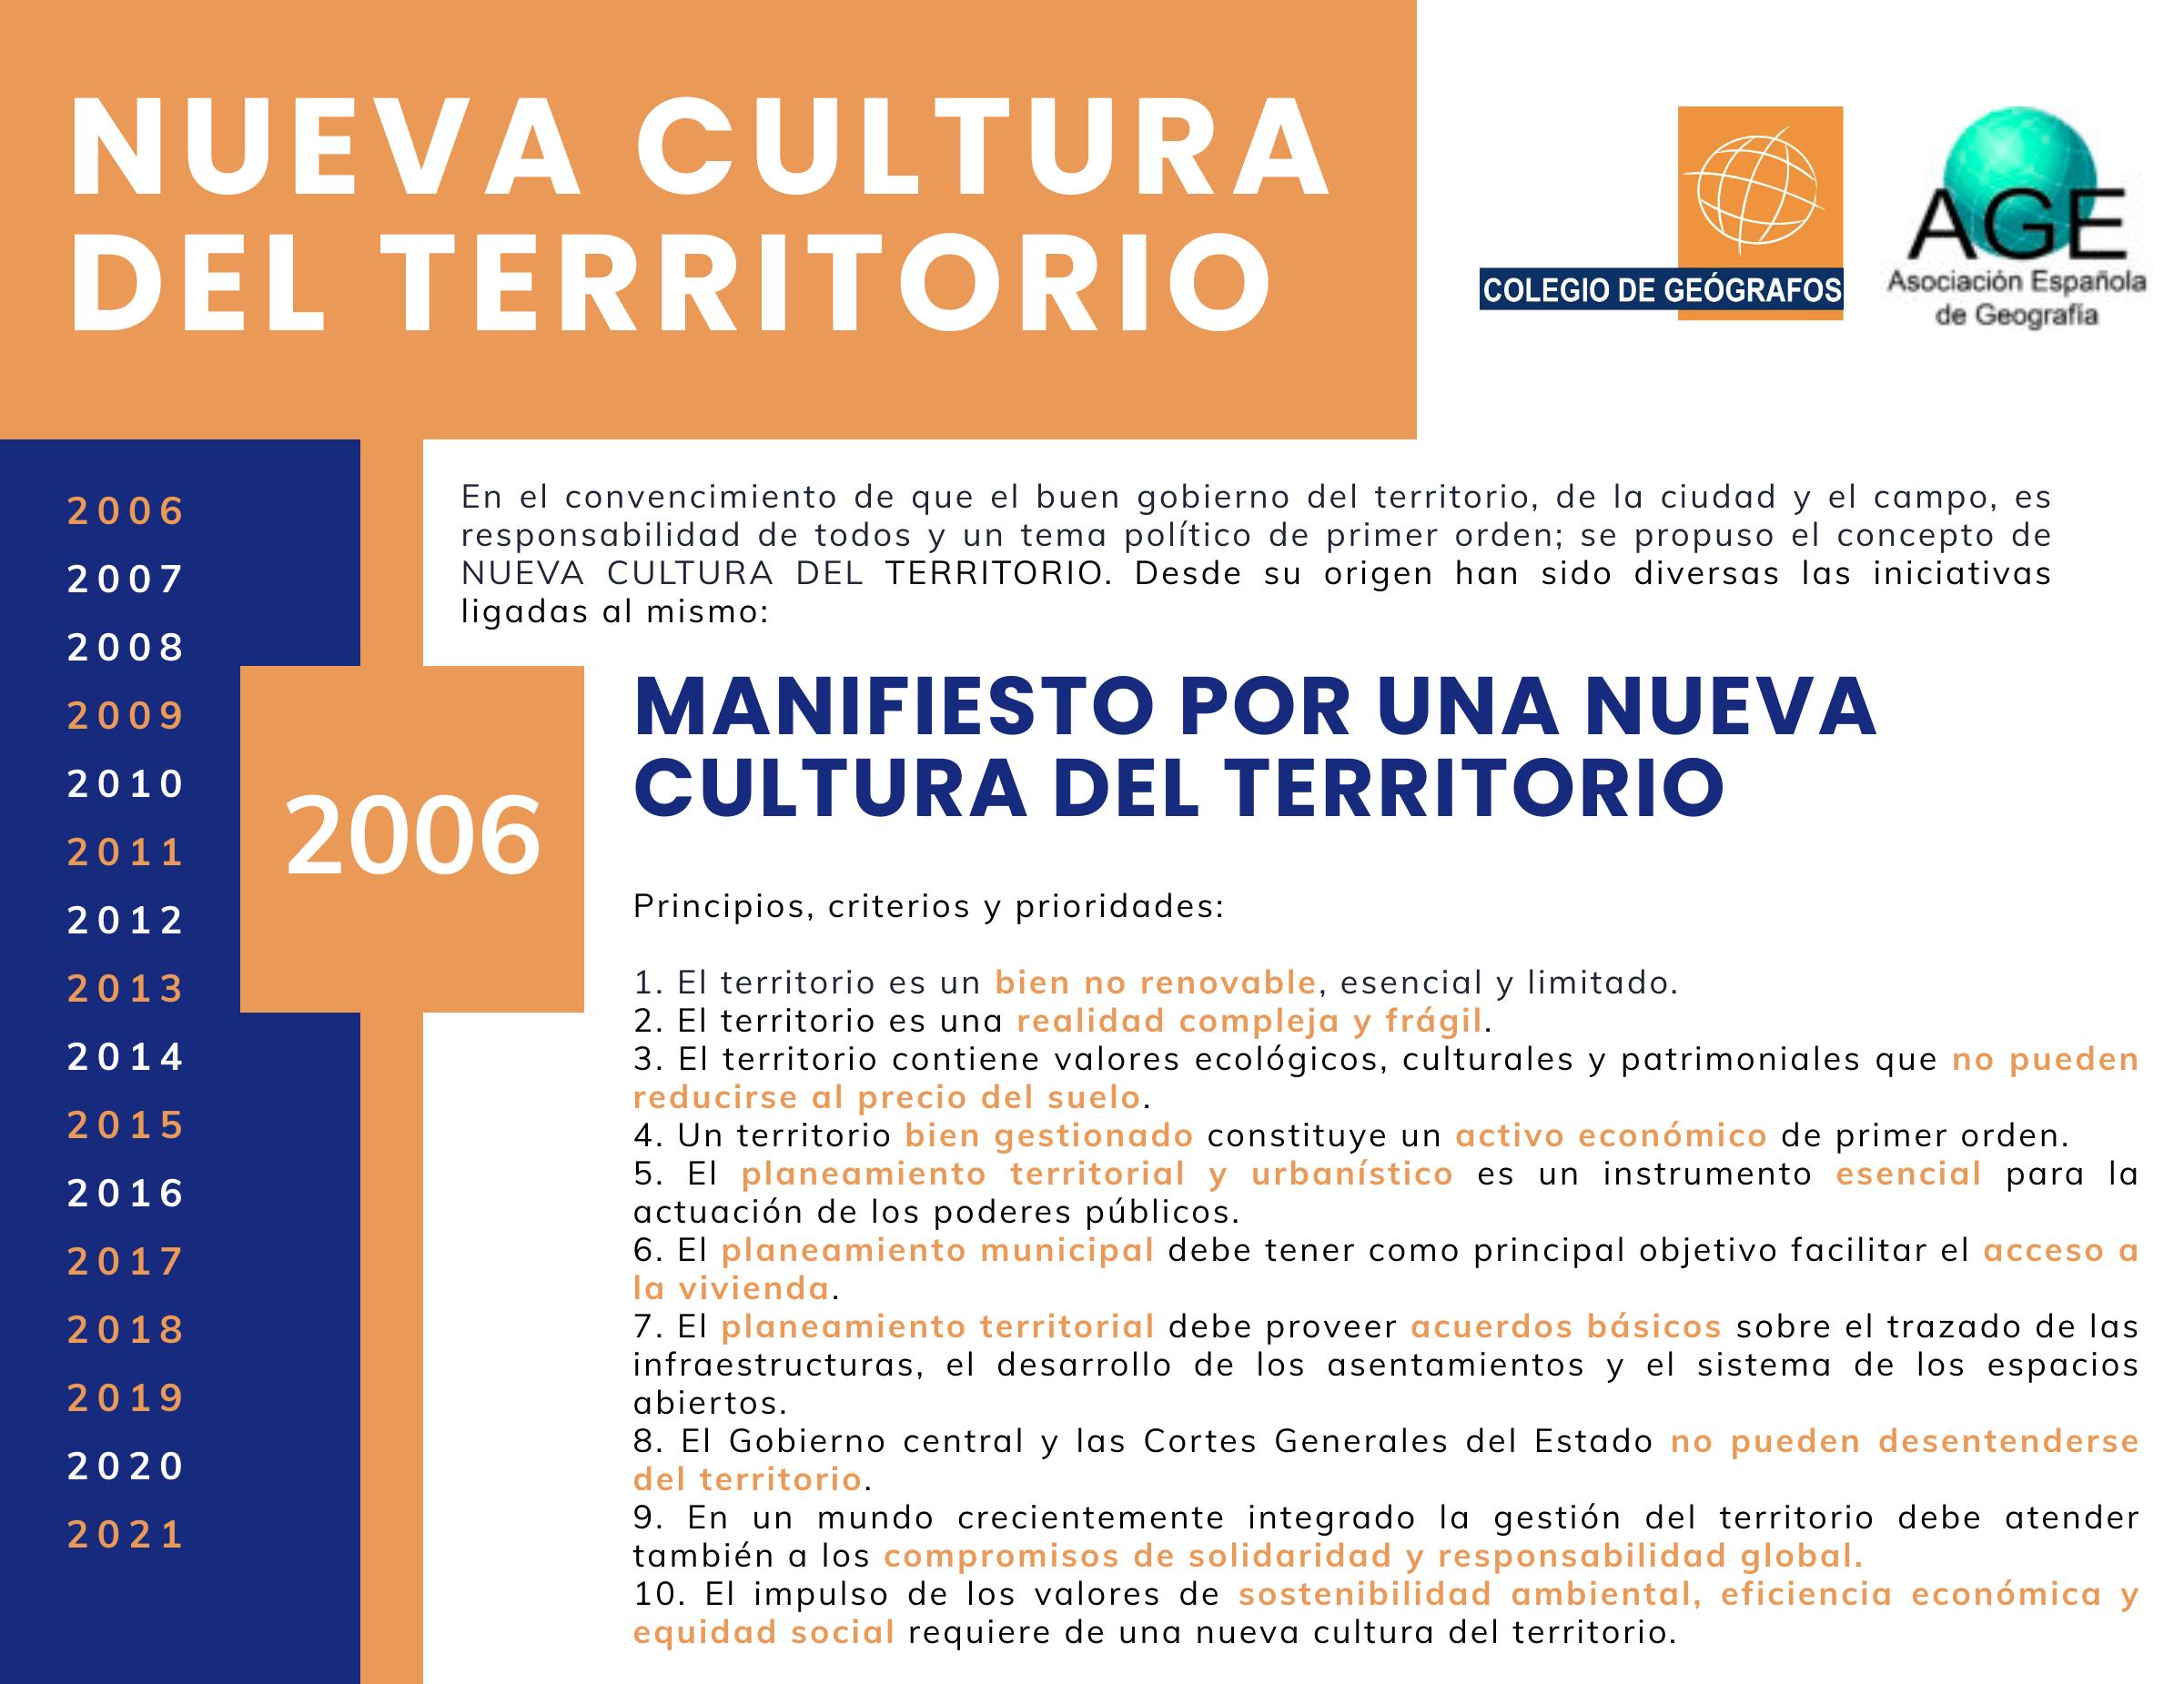 Premio Nueva Cultura del Territorio - Creación